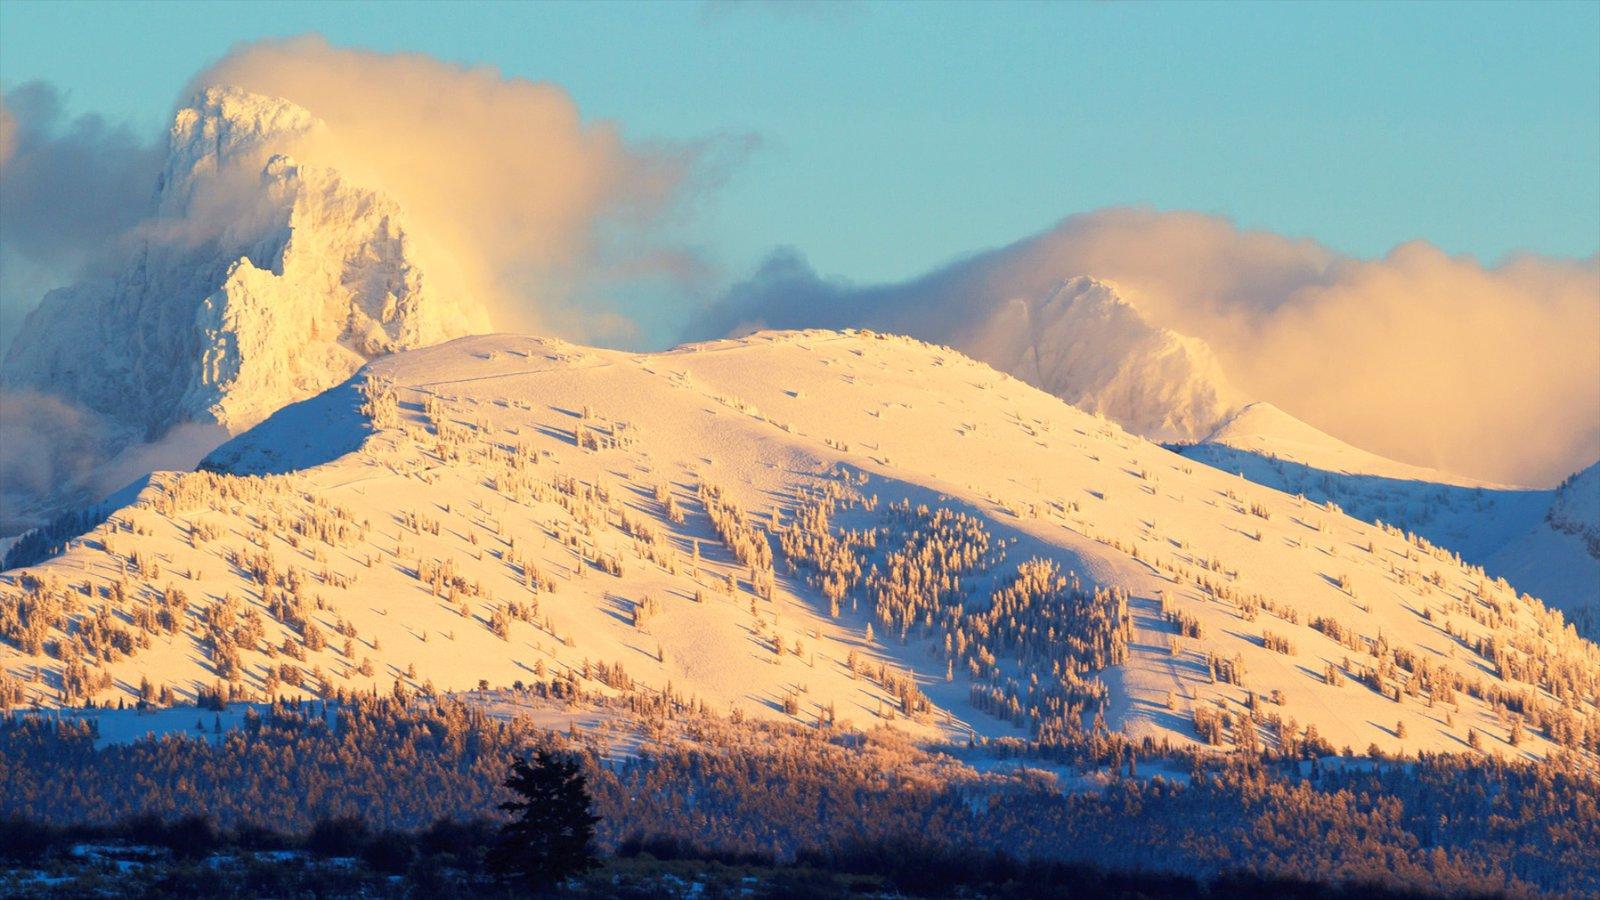 Grand Targhee Resort mostrando neve, montanhas e um pôr do sol